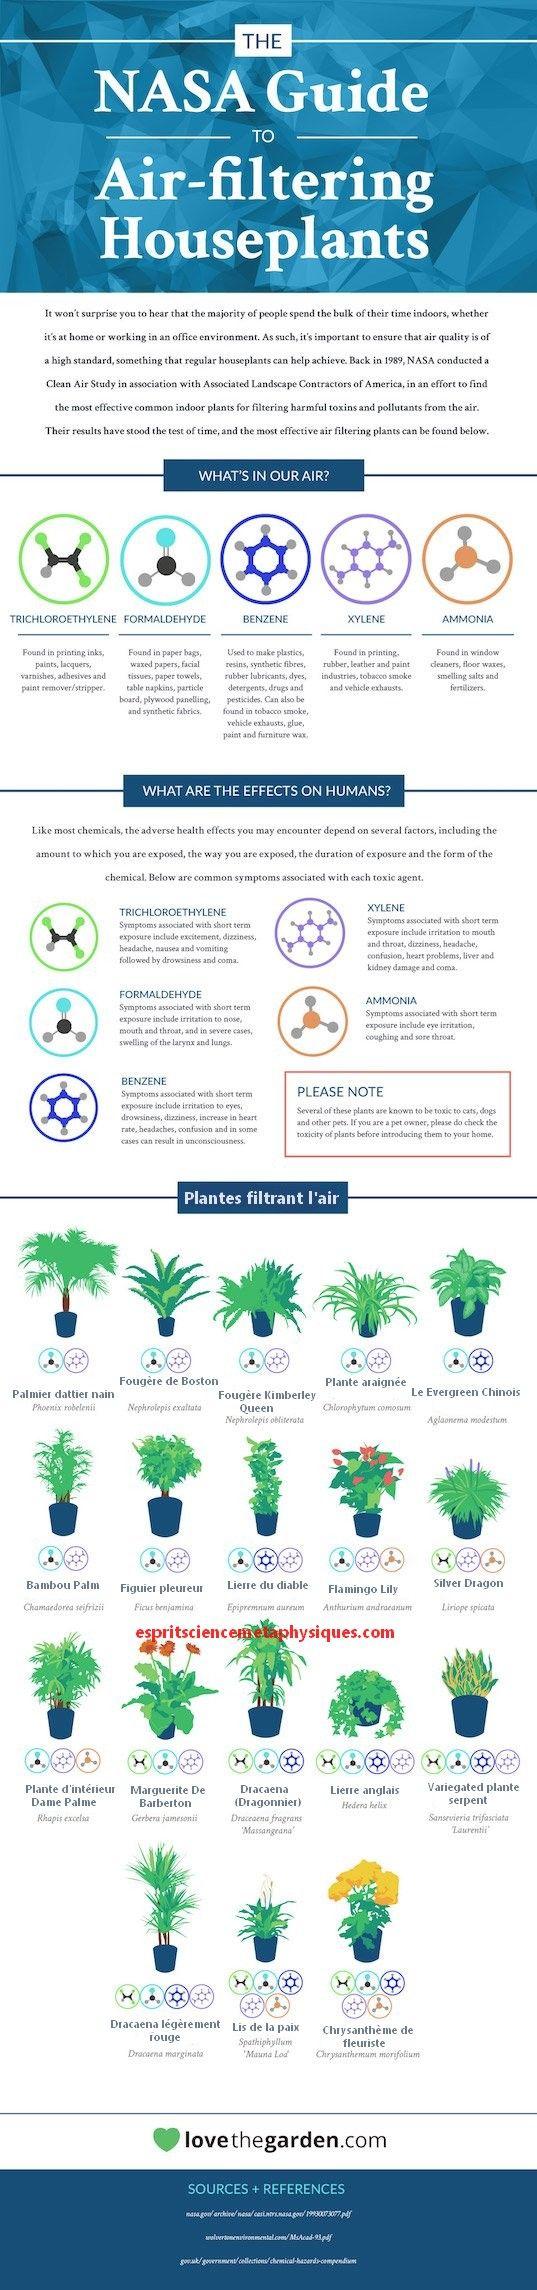 Top 18 des plantes d'intérieur dépolluantes qui purifient l'air, selon la NASA